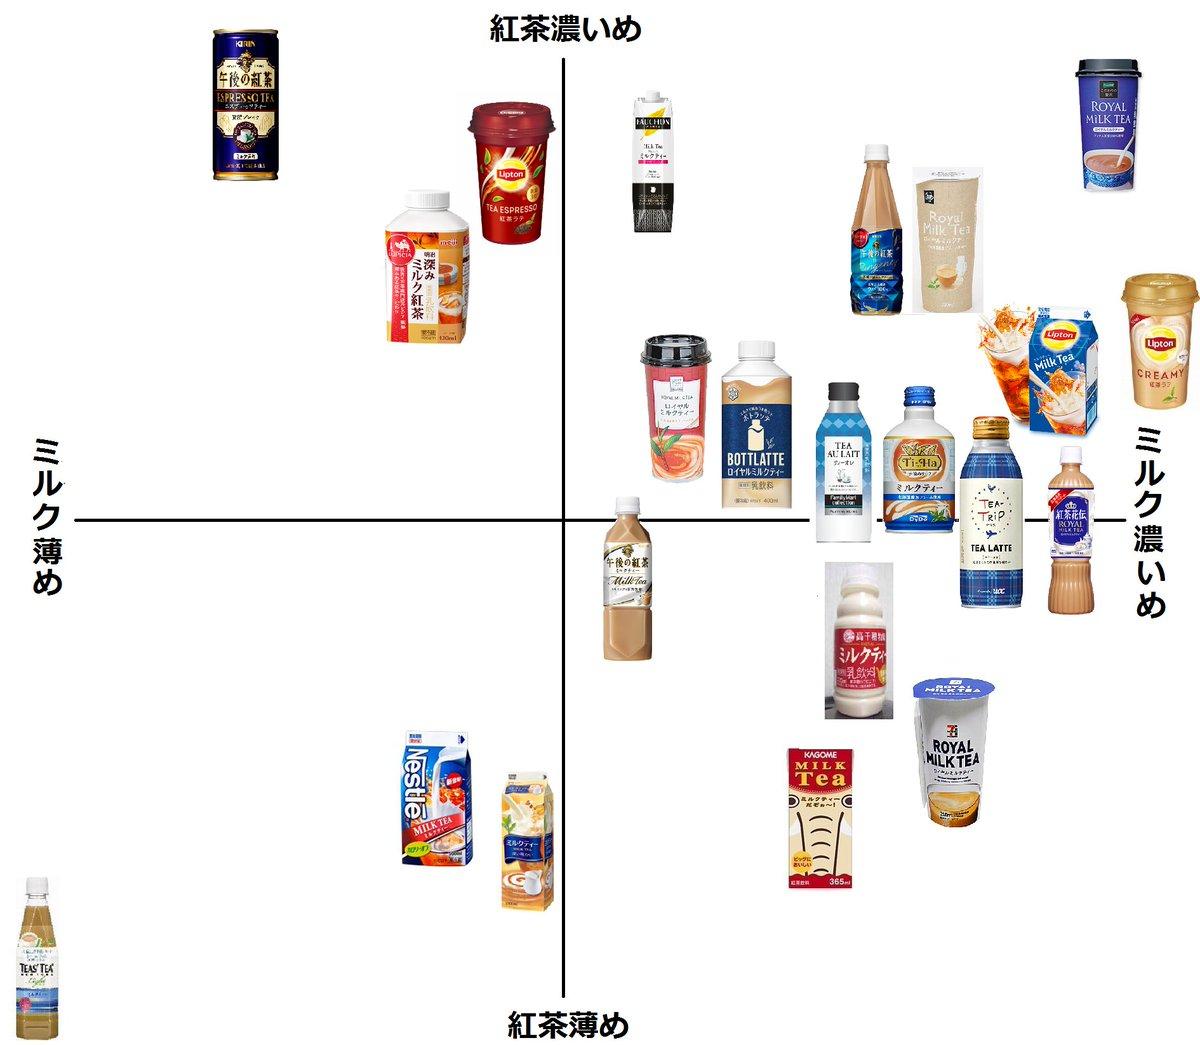 個人的ミルクティー格付表最新版です、ご確認ください